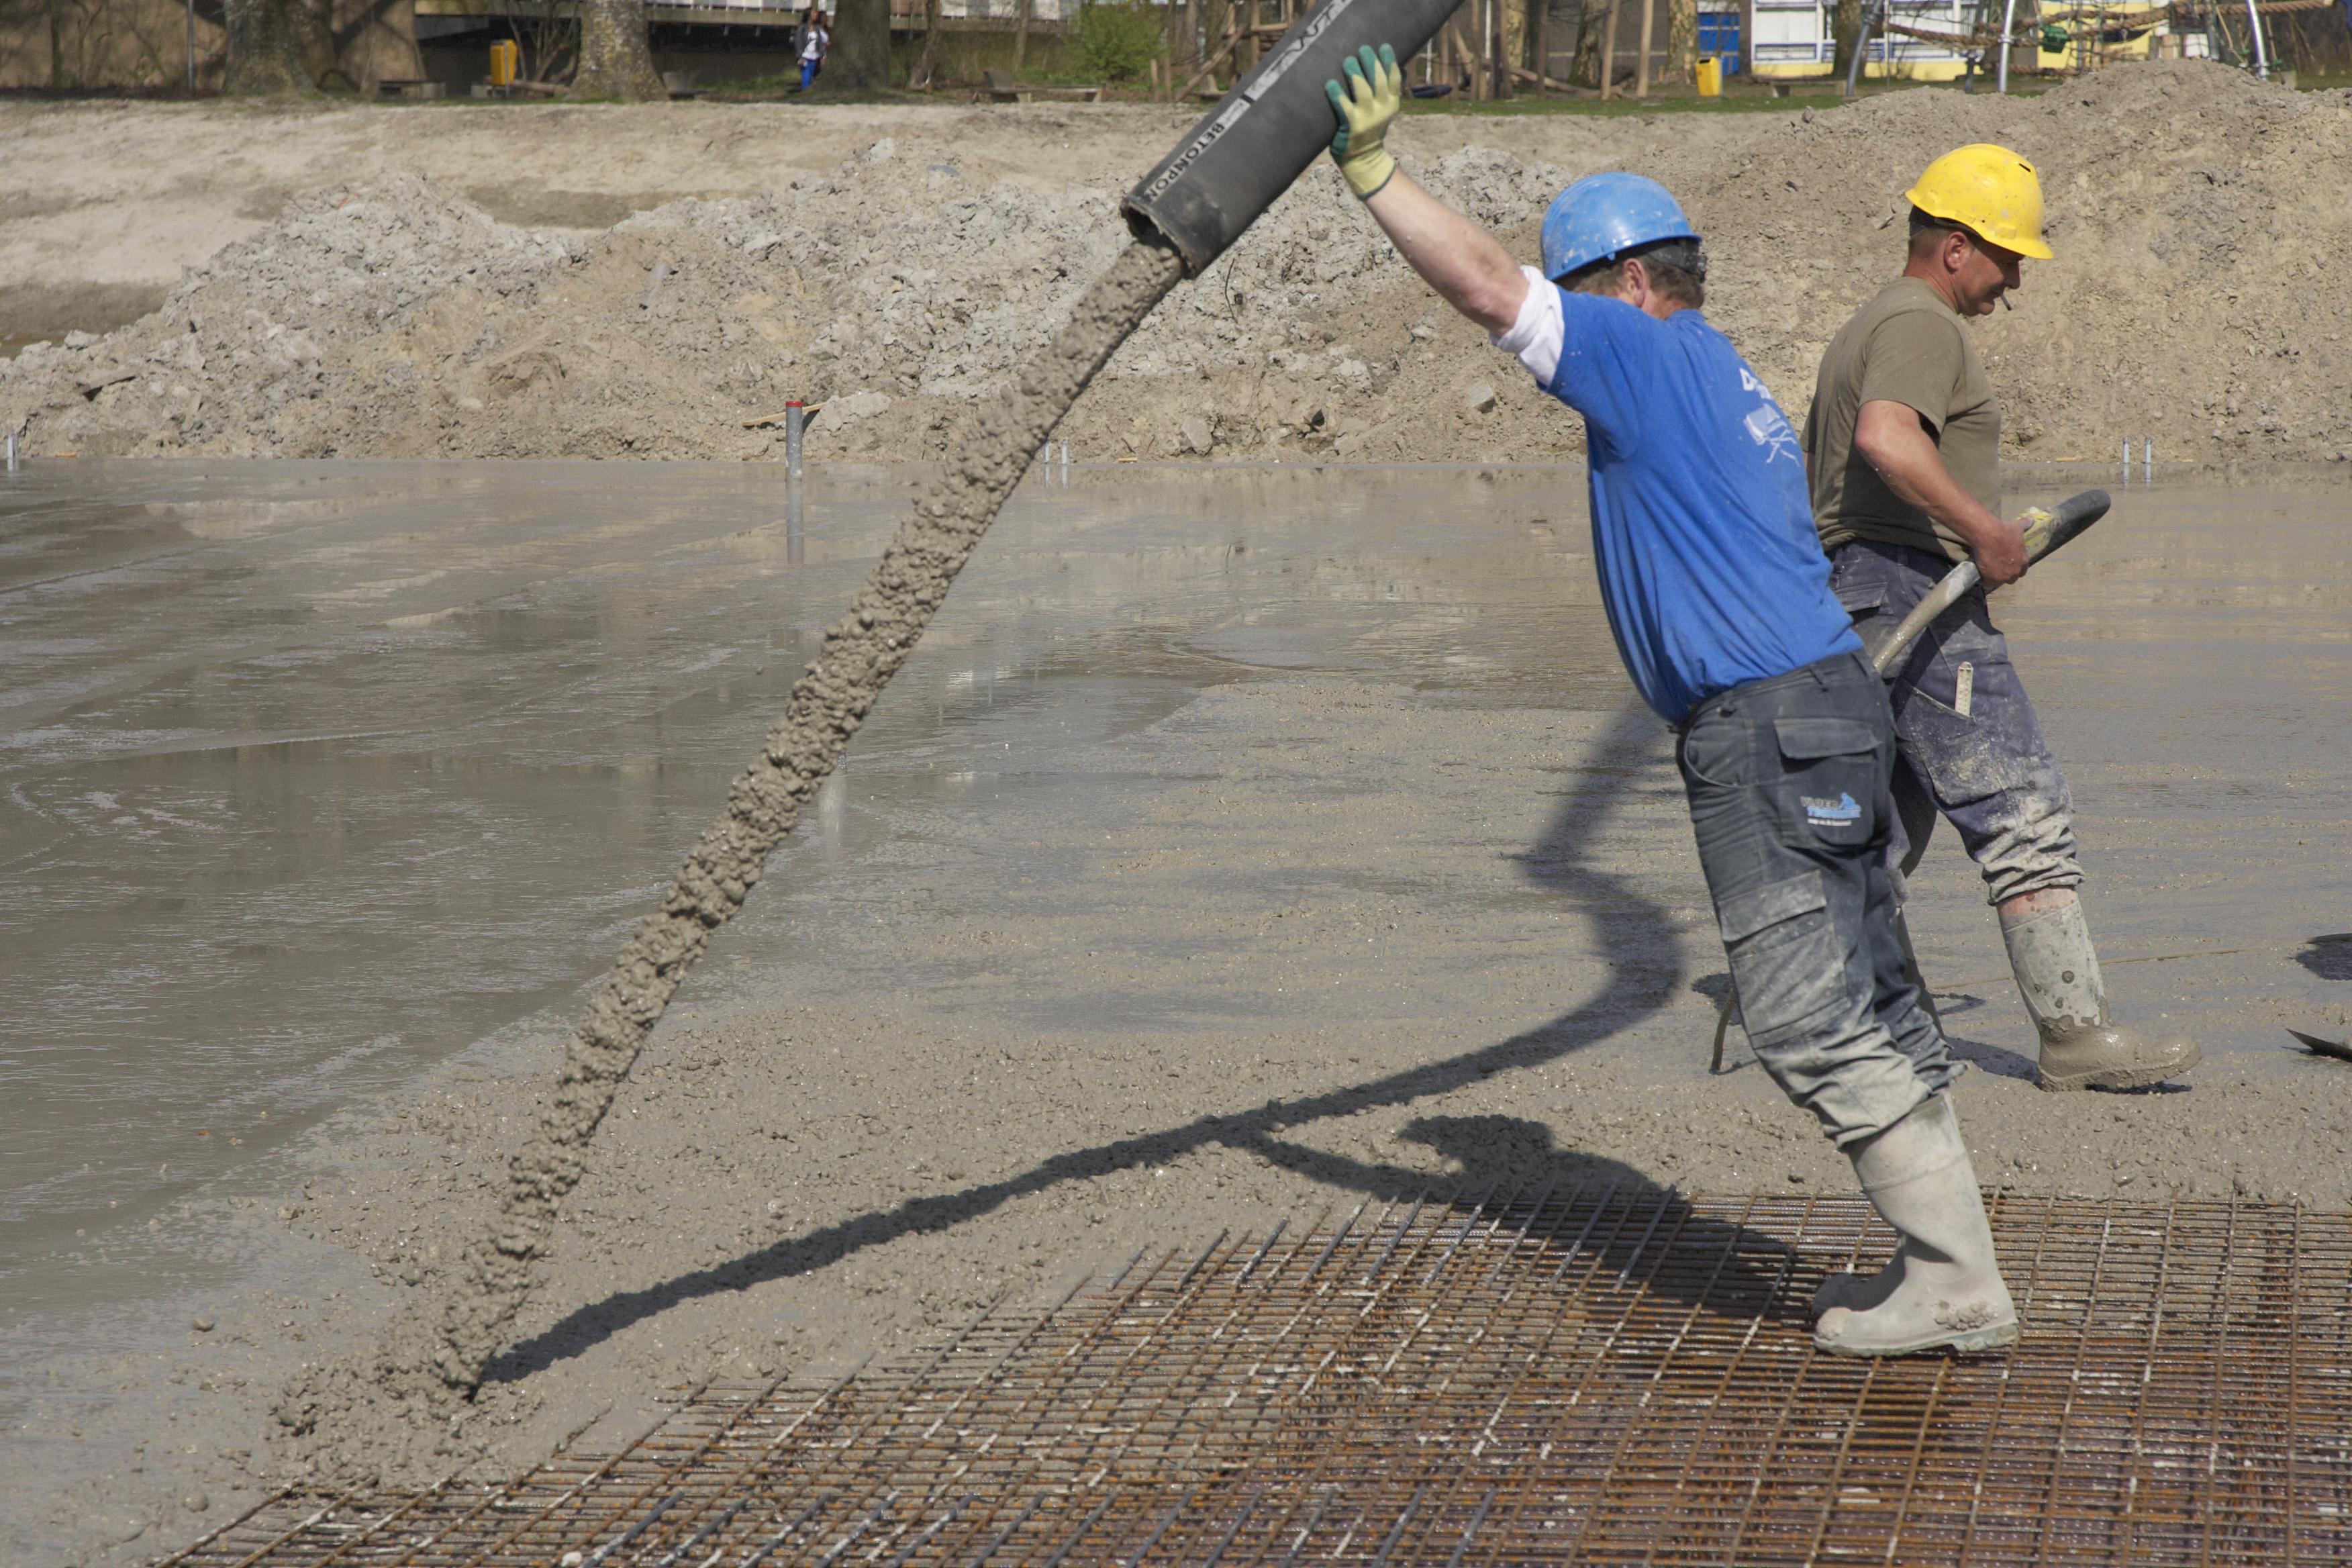 Voordelig betonmortel bestellen. Kant en klaar op locatie geleverd bij u thuis of op de bouwplaats.